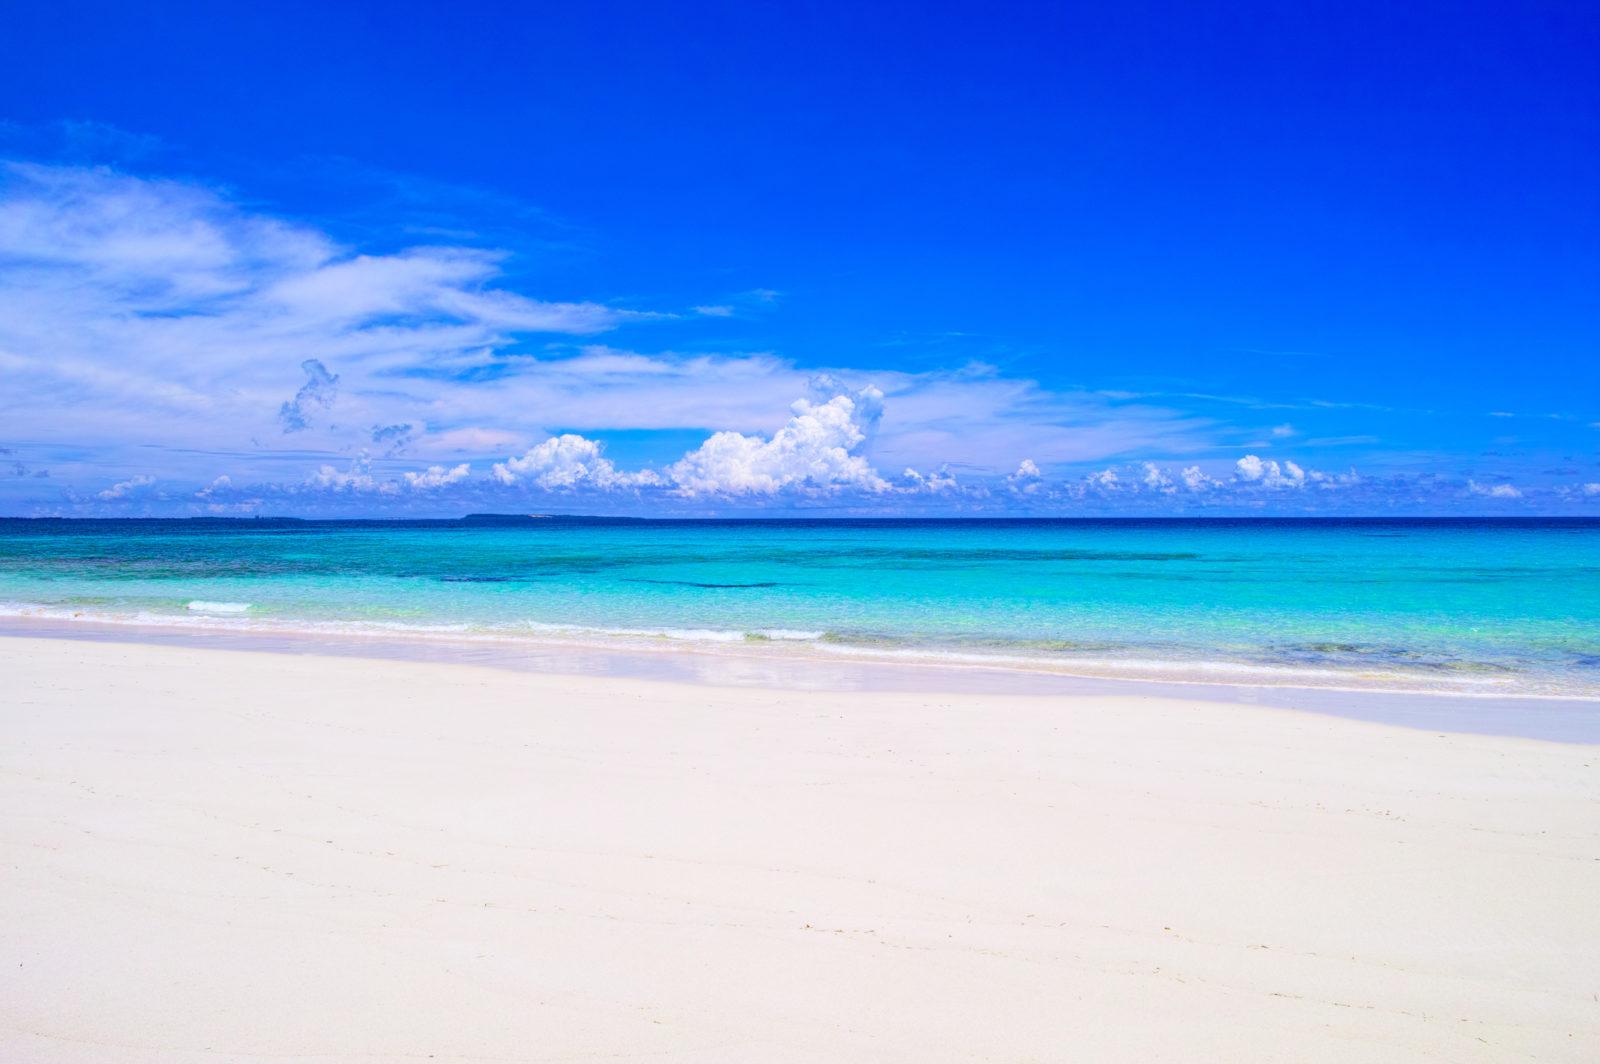 花粉症が気にならない島、暖かい春の宮古島へ「避粉」Trip